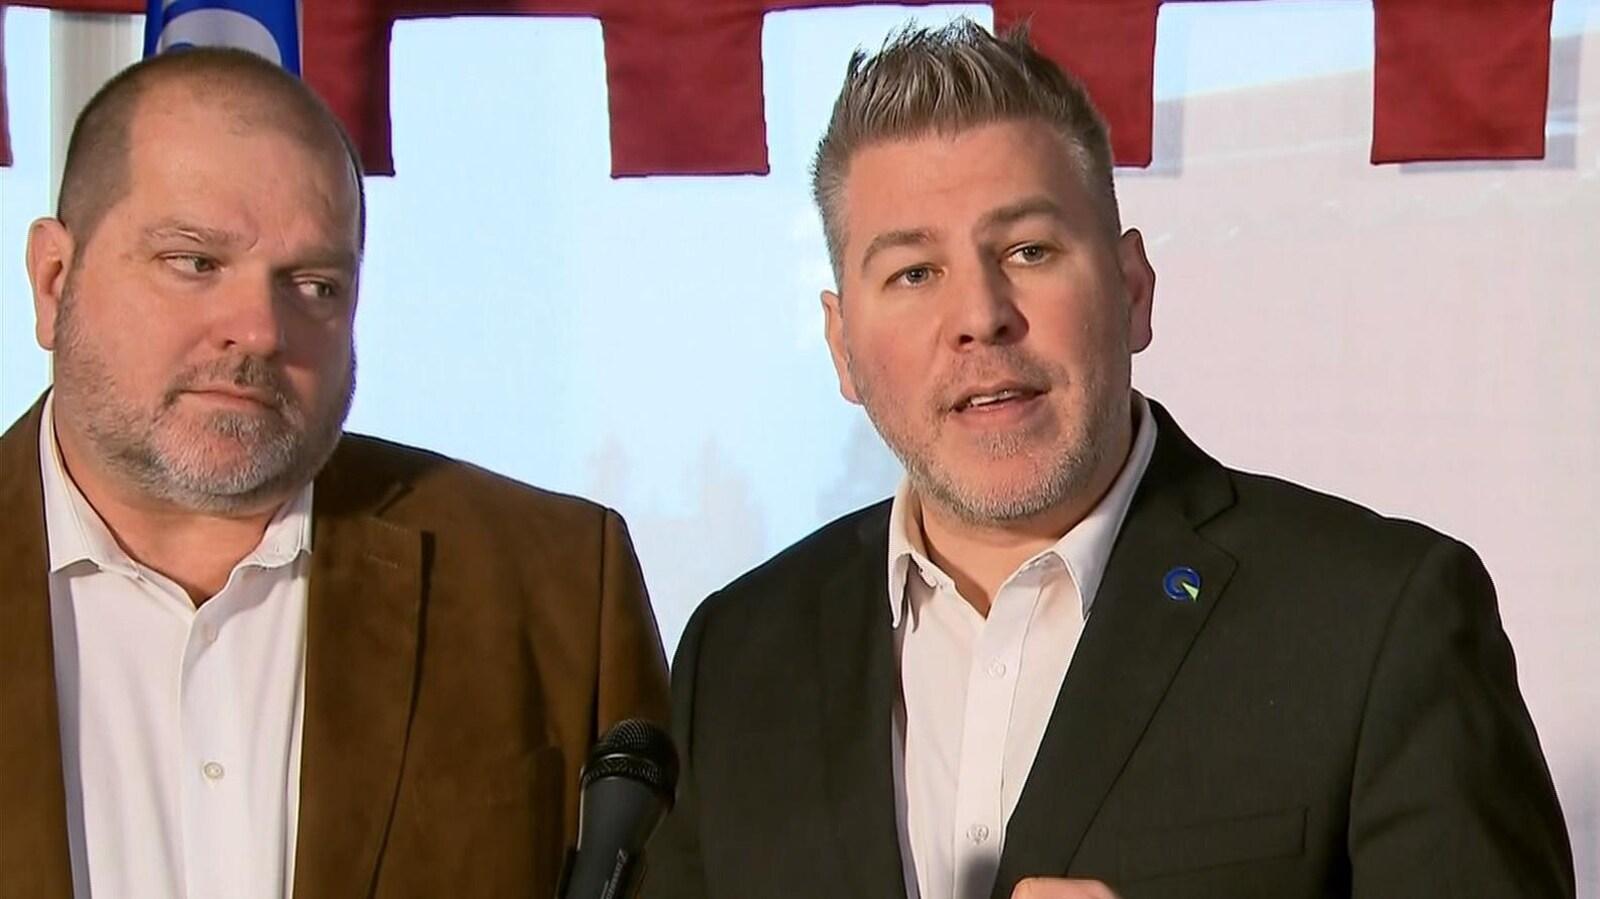 Deux hommes répondent aux questions des médias en conférence de presse.